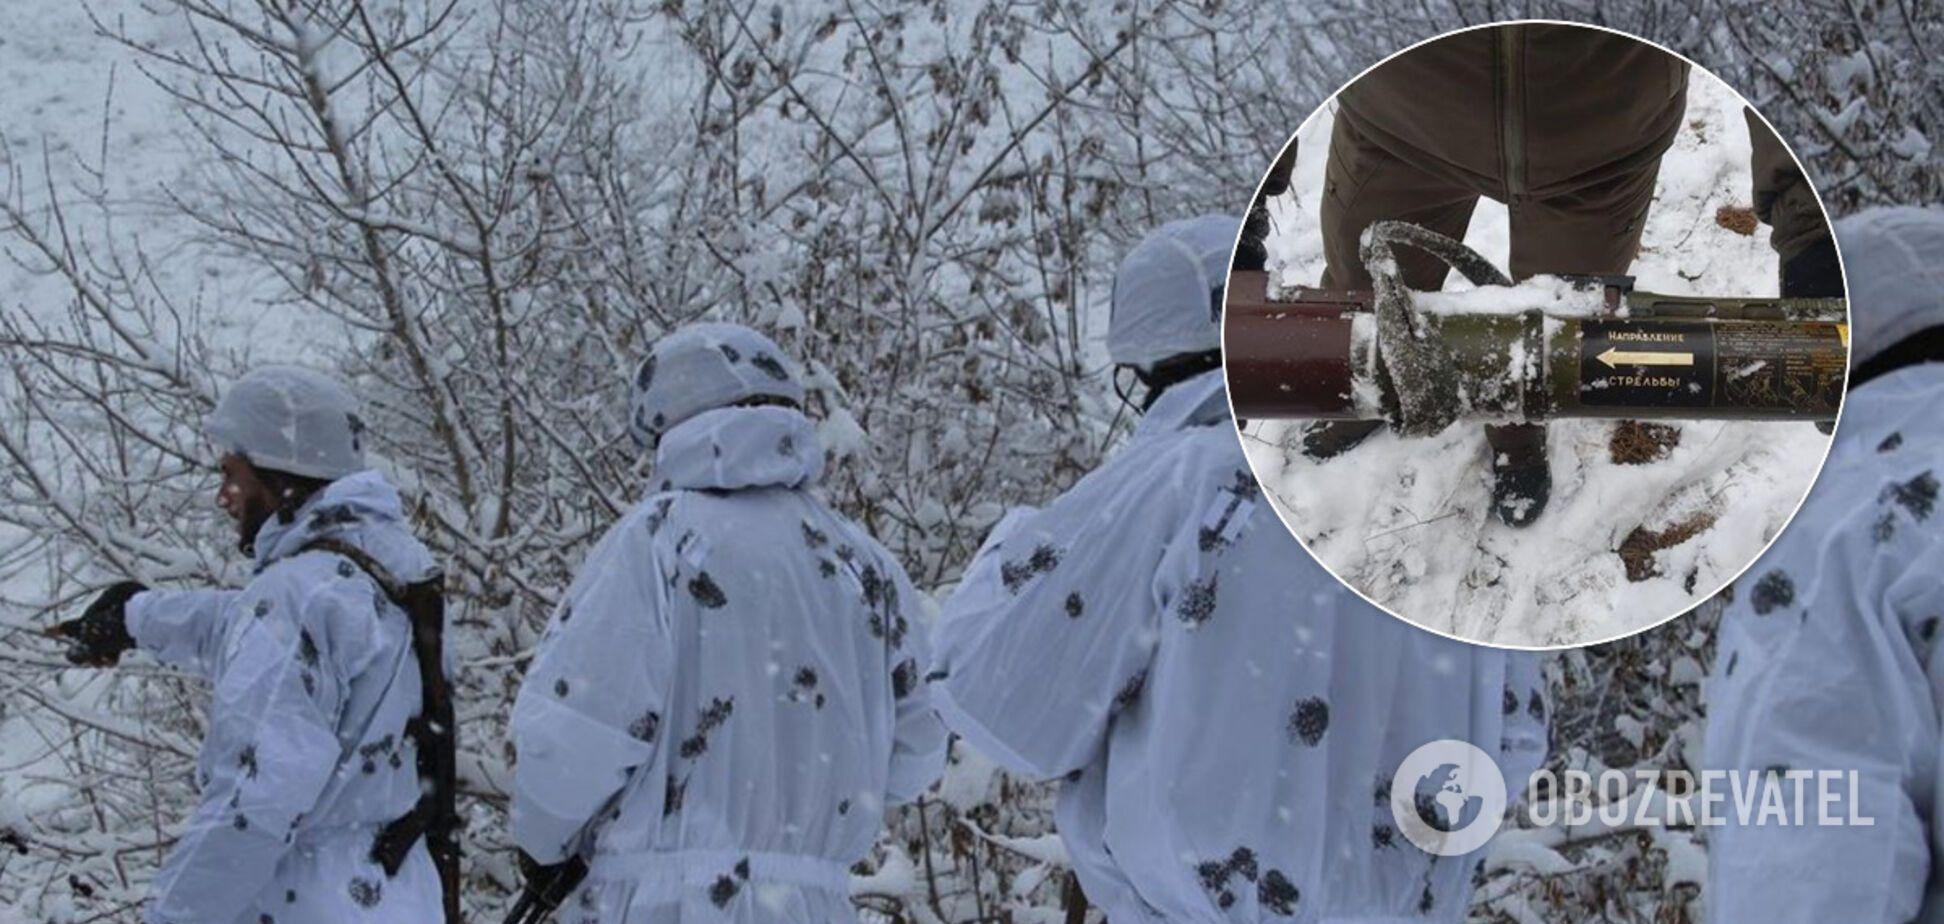 Граната в кустах, японский генерал и пьяный террорист: как прошла неделя в ООС